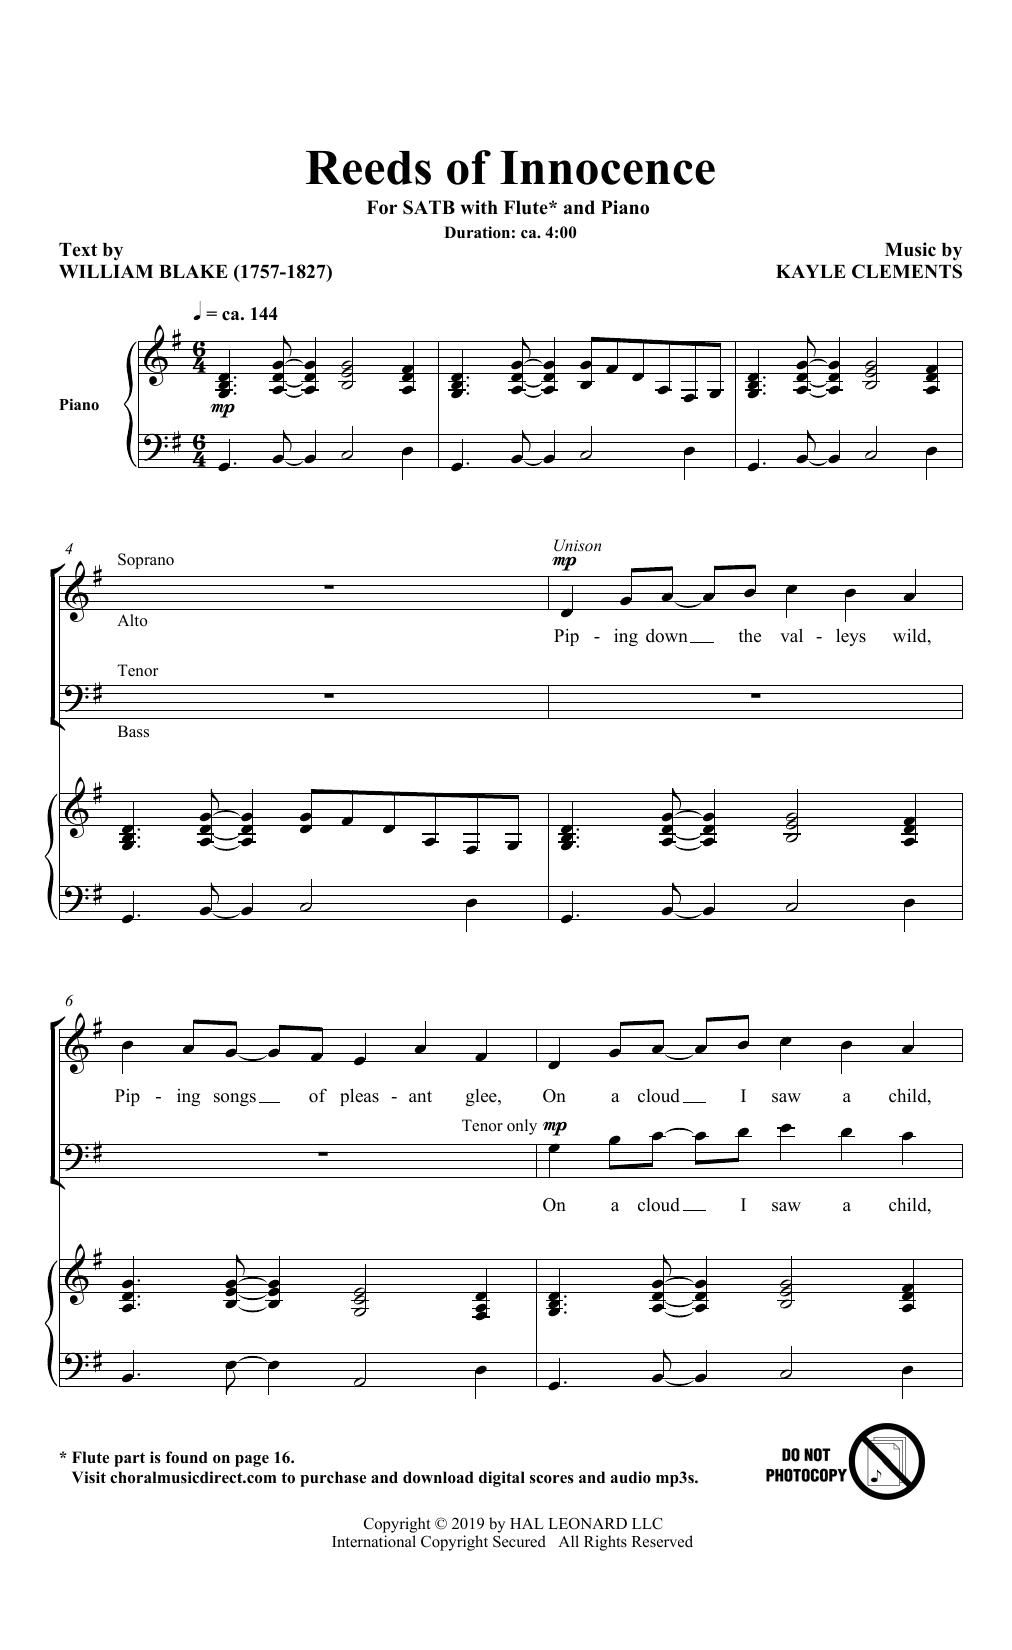 Reeds Of Innocence (SATB Choir)